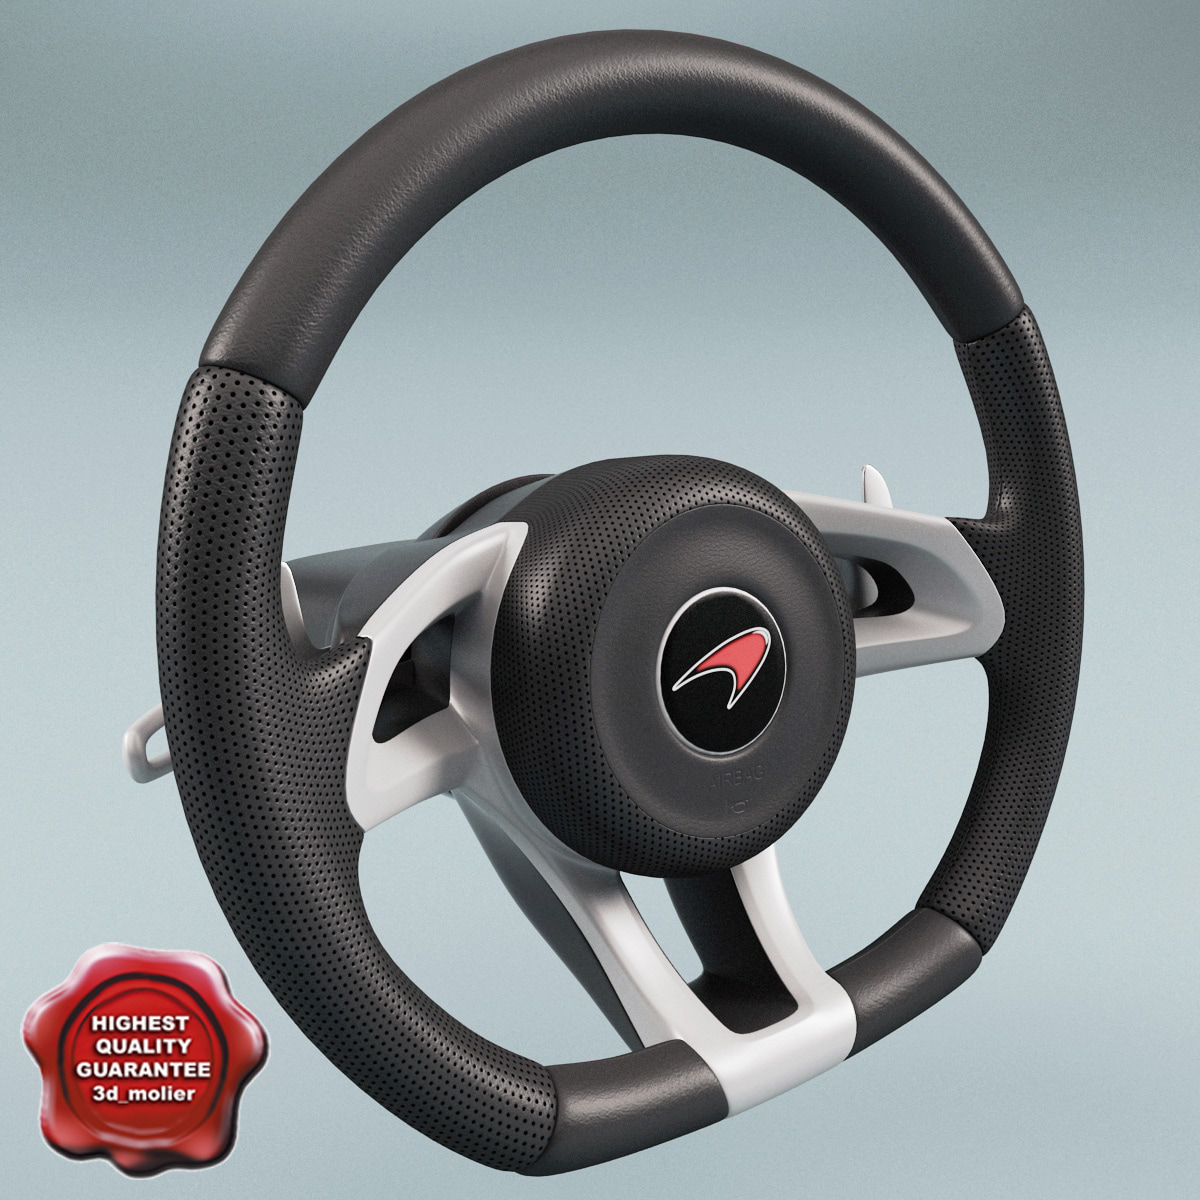 Mclaren_Steering_Wheel_00.jpg